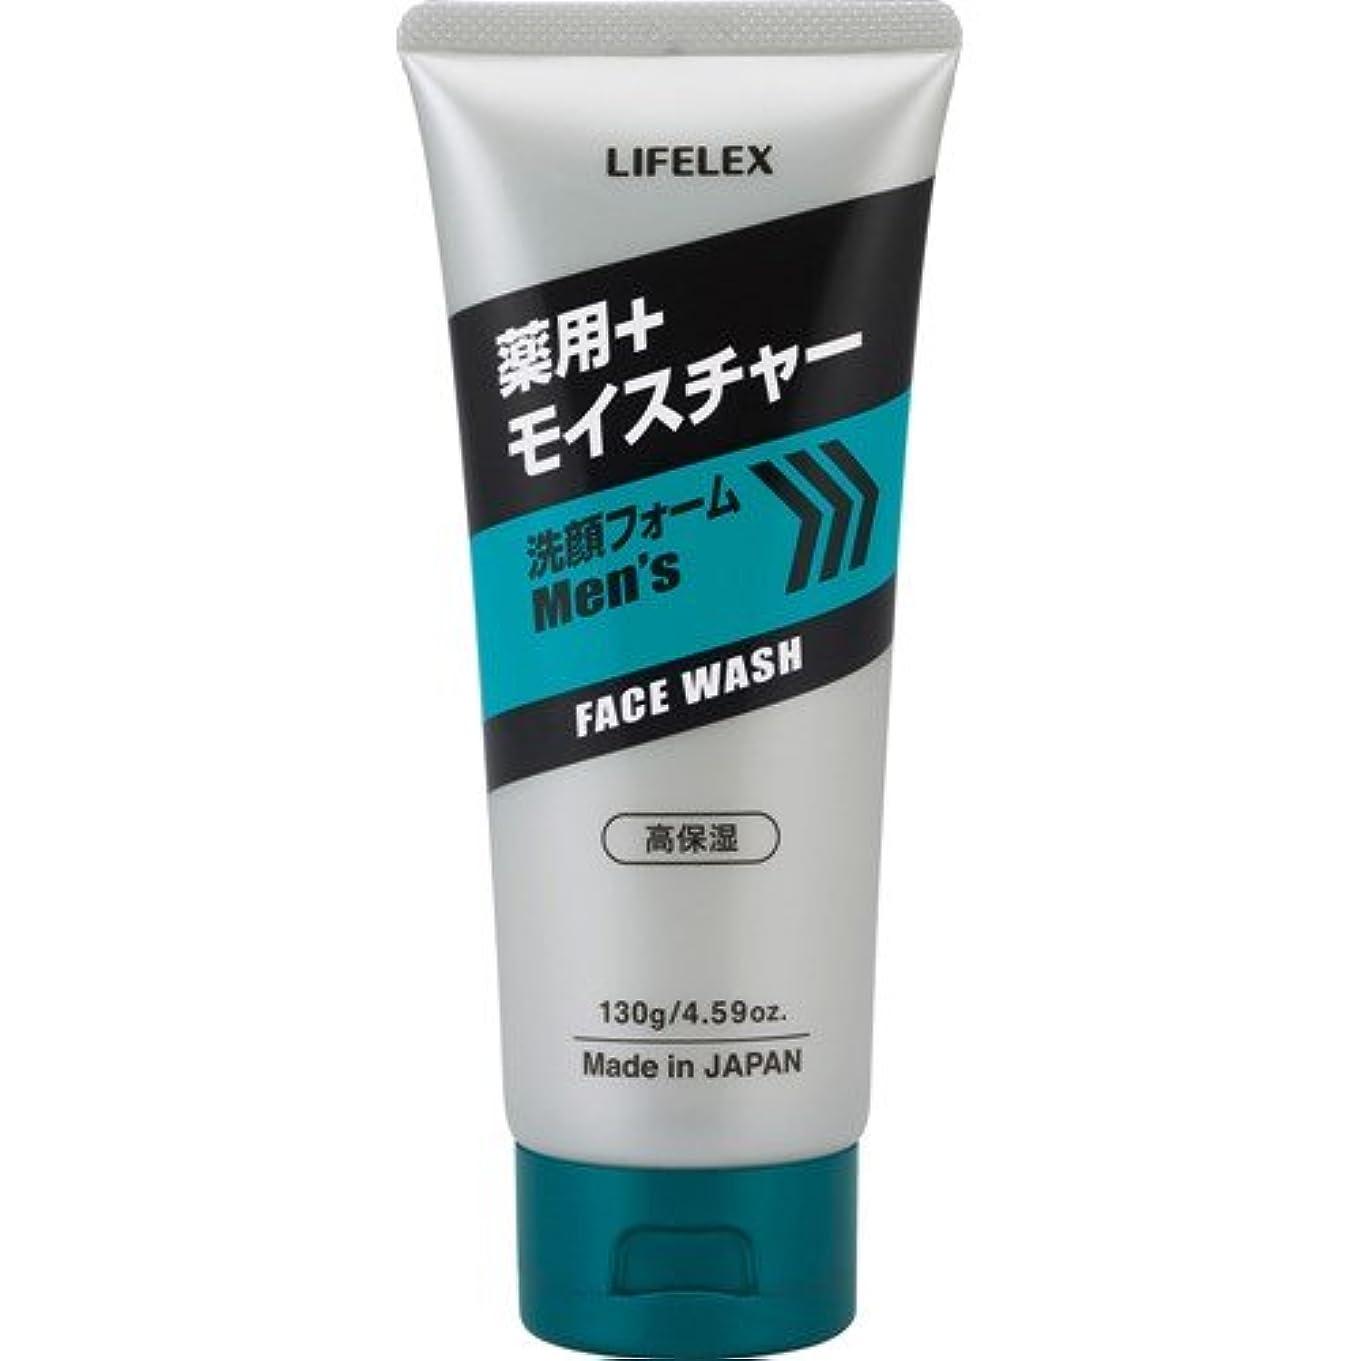 前兆驚いた段階コーナンオリジナル メンズ薬用モイスチャ洗顔フォーム 130g